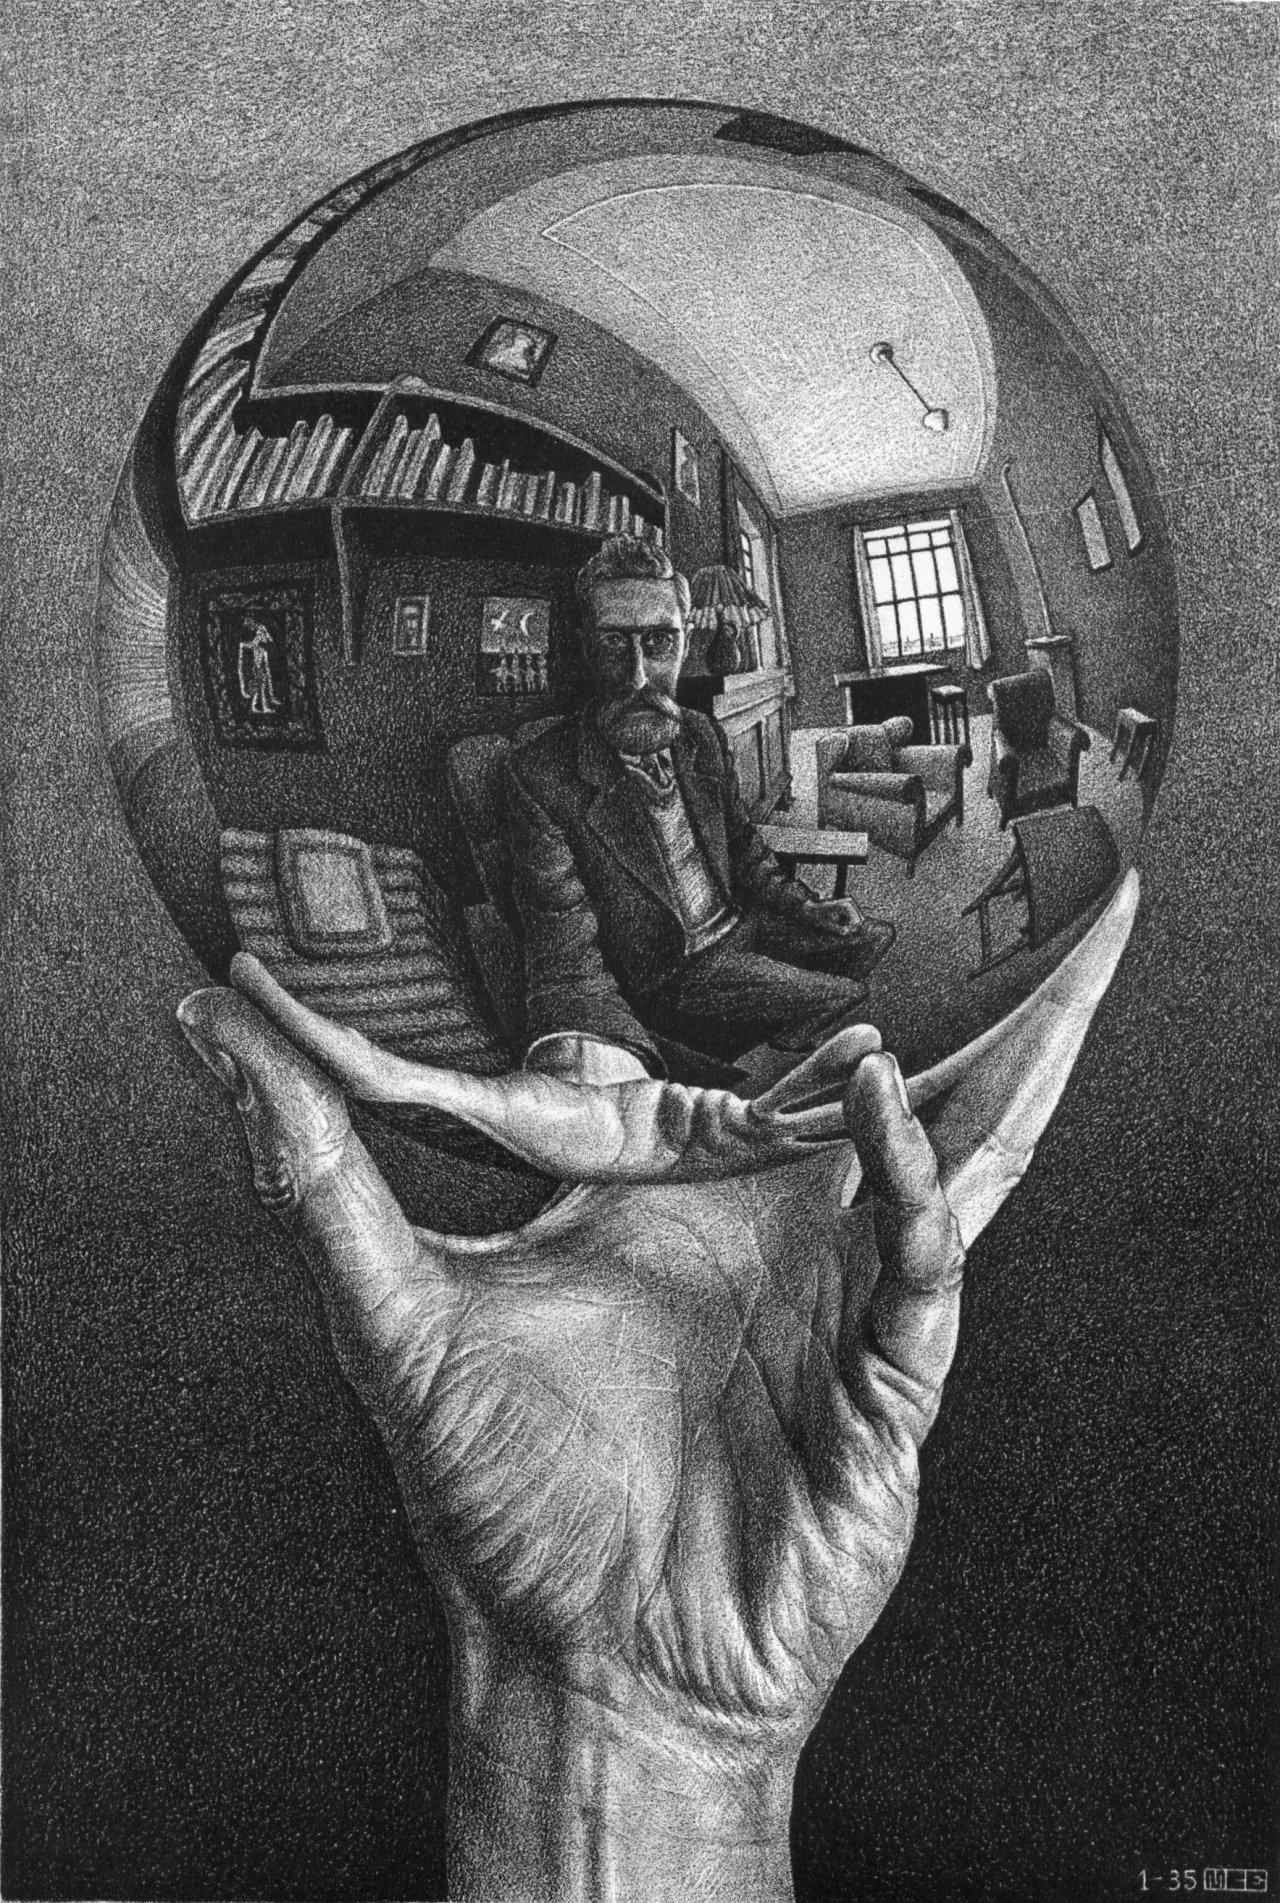 Drawn spheric escher Hand With sphere M Escher